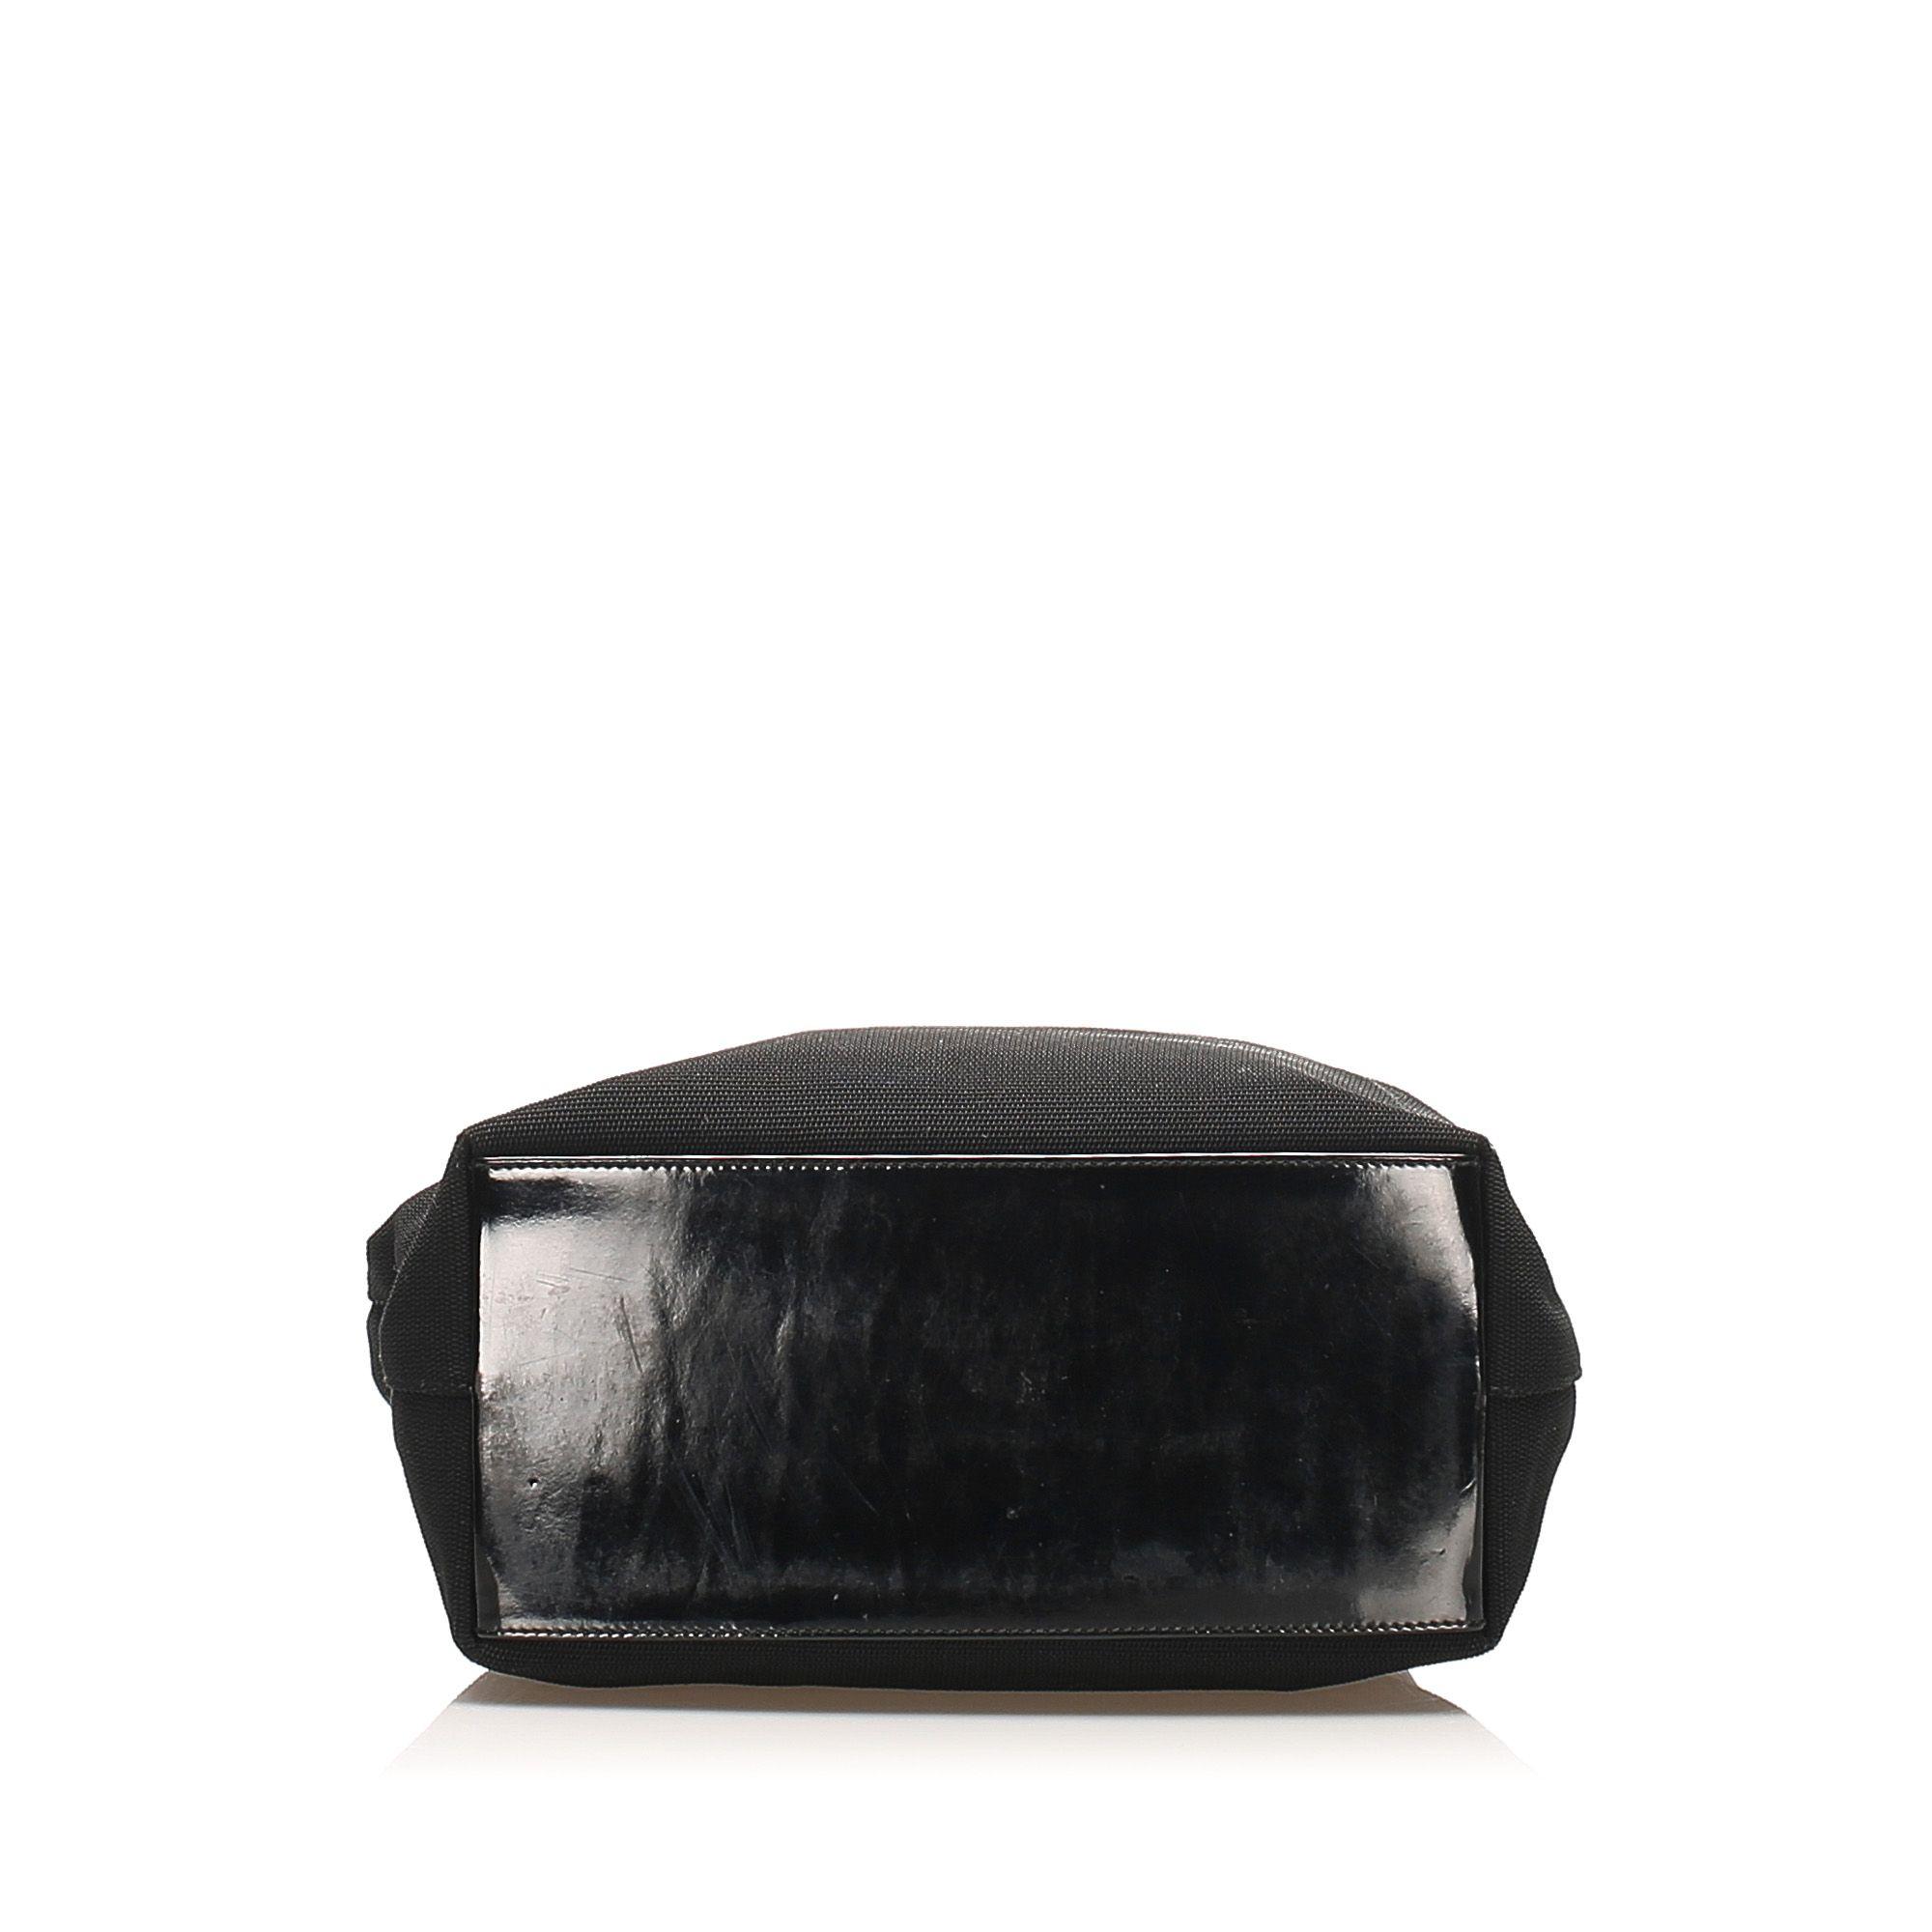 Vintage Gucci Nylon Shoulder Bag Black